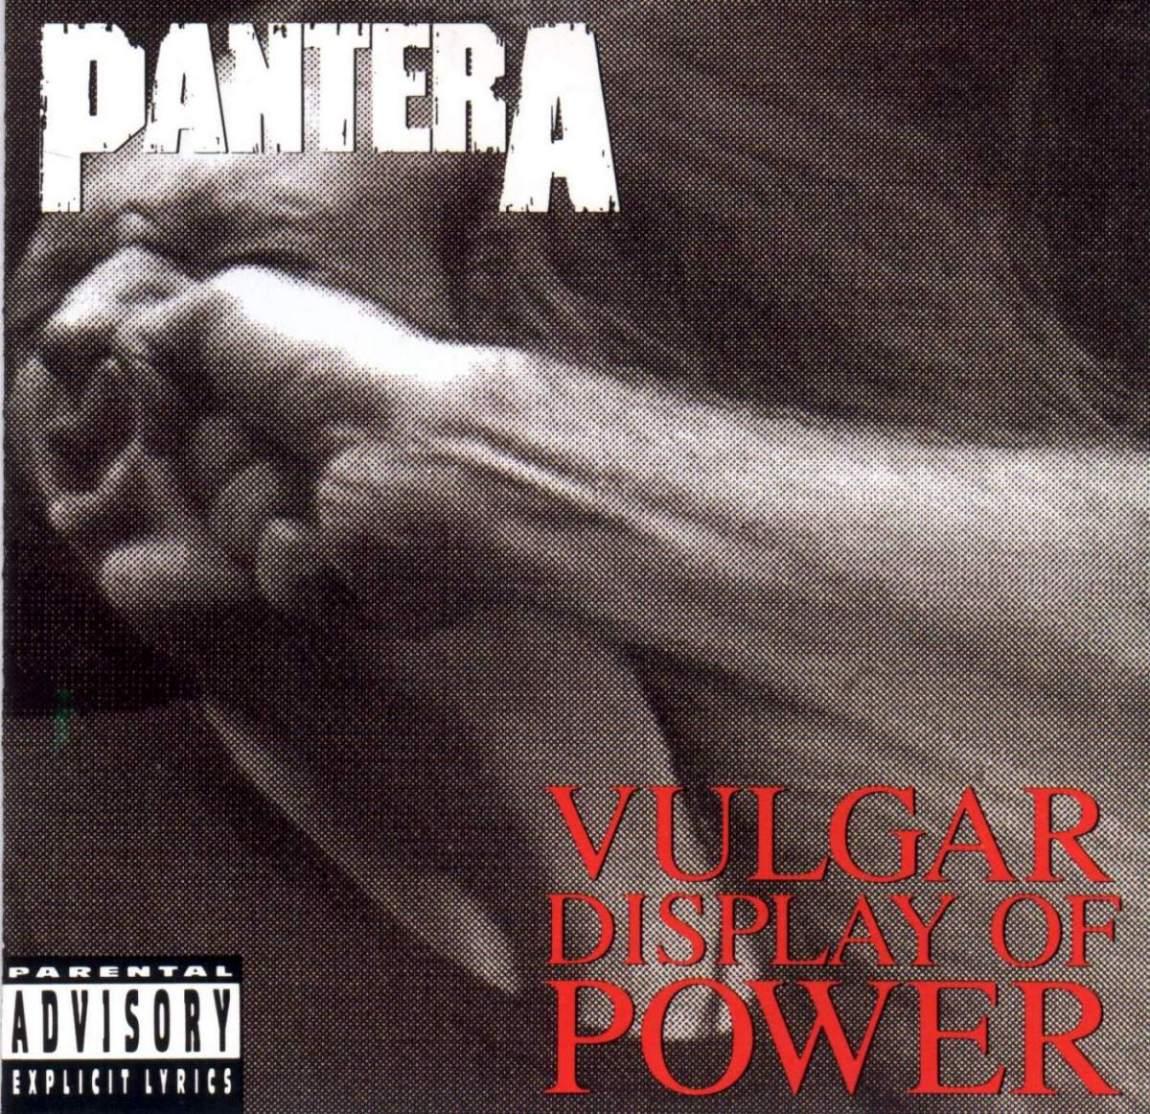 1001 discos que hay que escuchar antes de morir - Página 9 Pantera_Vulgar_Display_Of_PowerFront